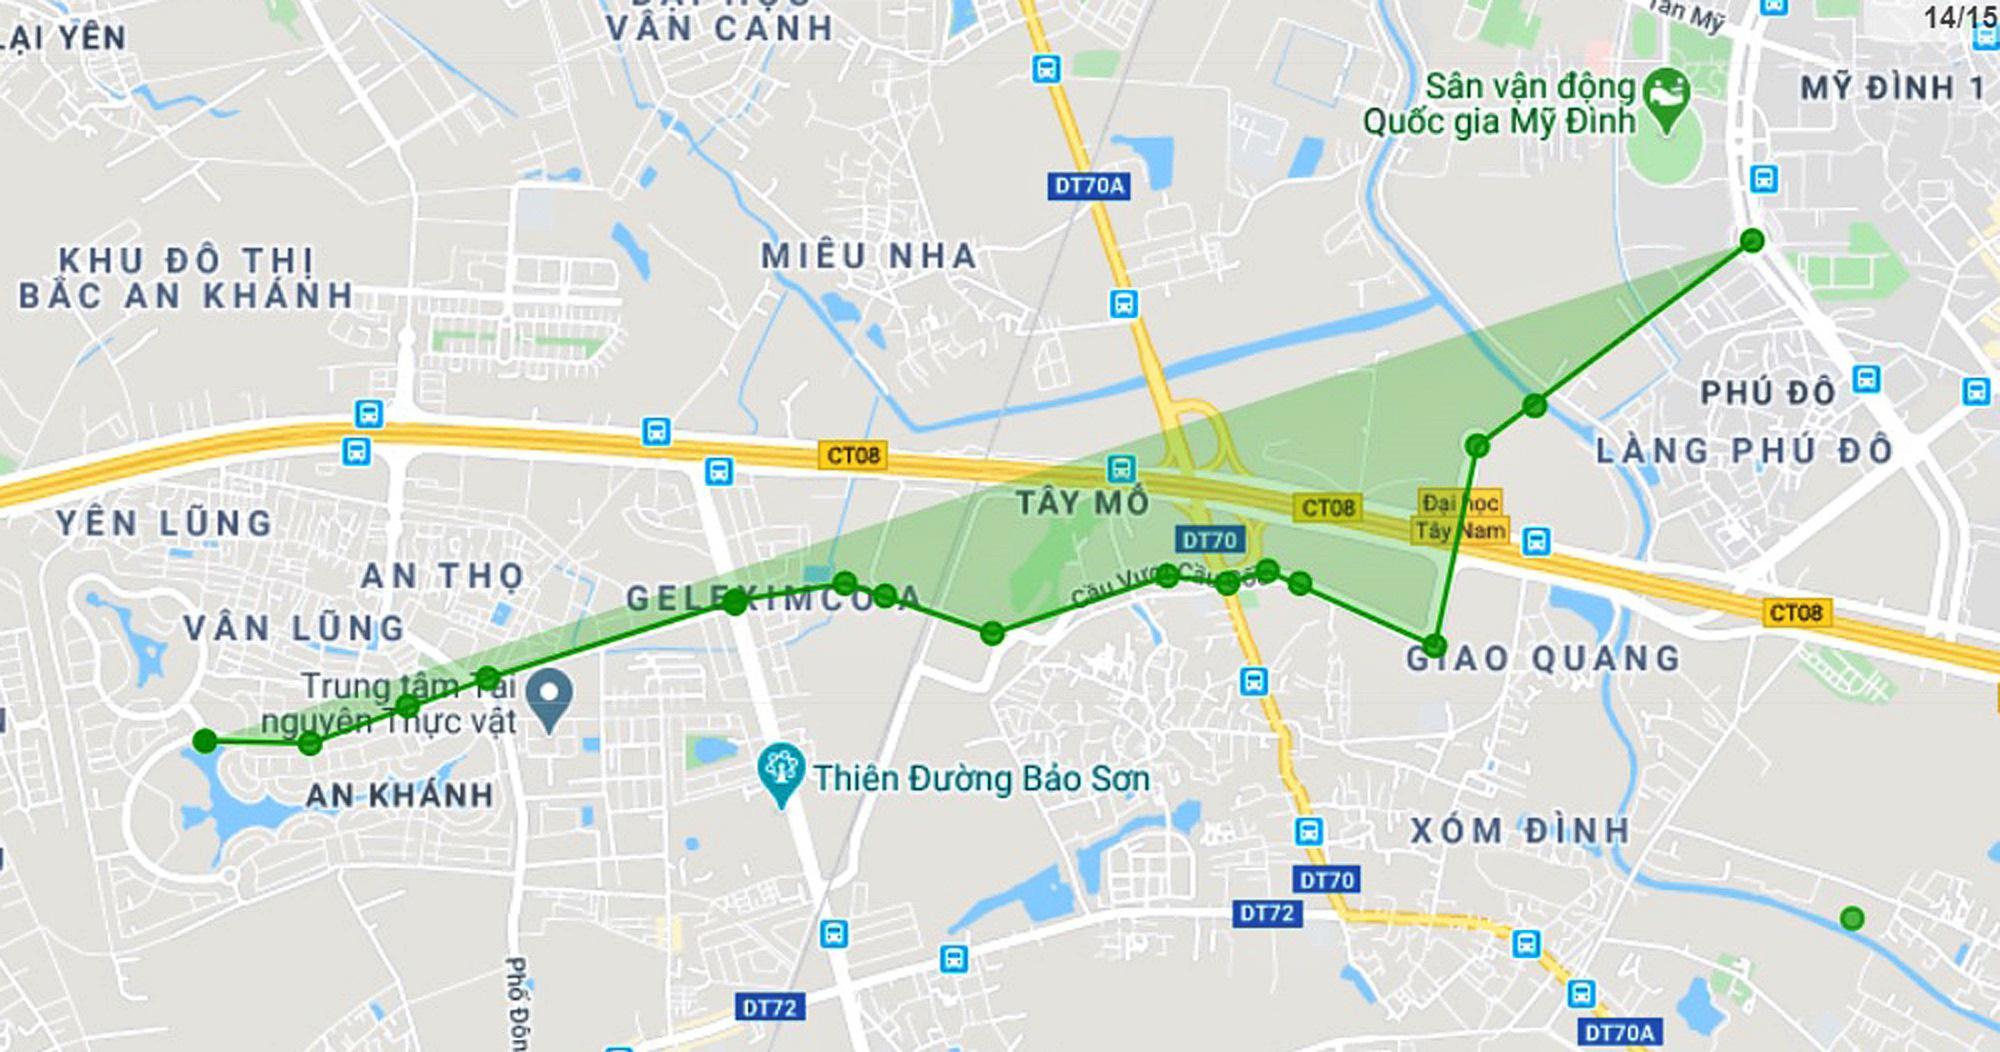 Đường sẽ mở theo qui hoạch ở Hà Nội: Toàn cảnh đường nối KĐT Nam An Khánh đến Sân vận động Mỹ Đình - Ảnh 1.